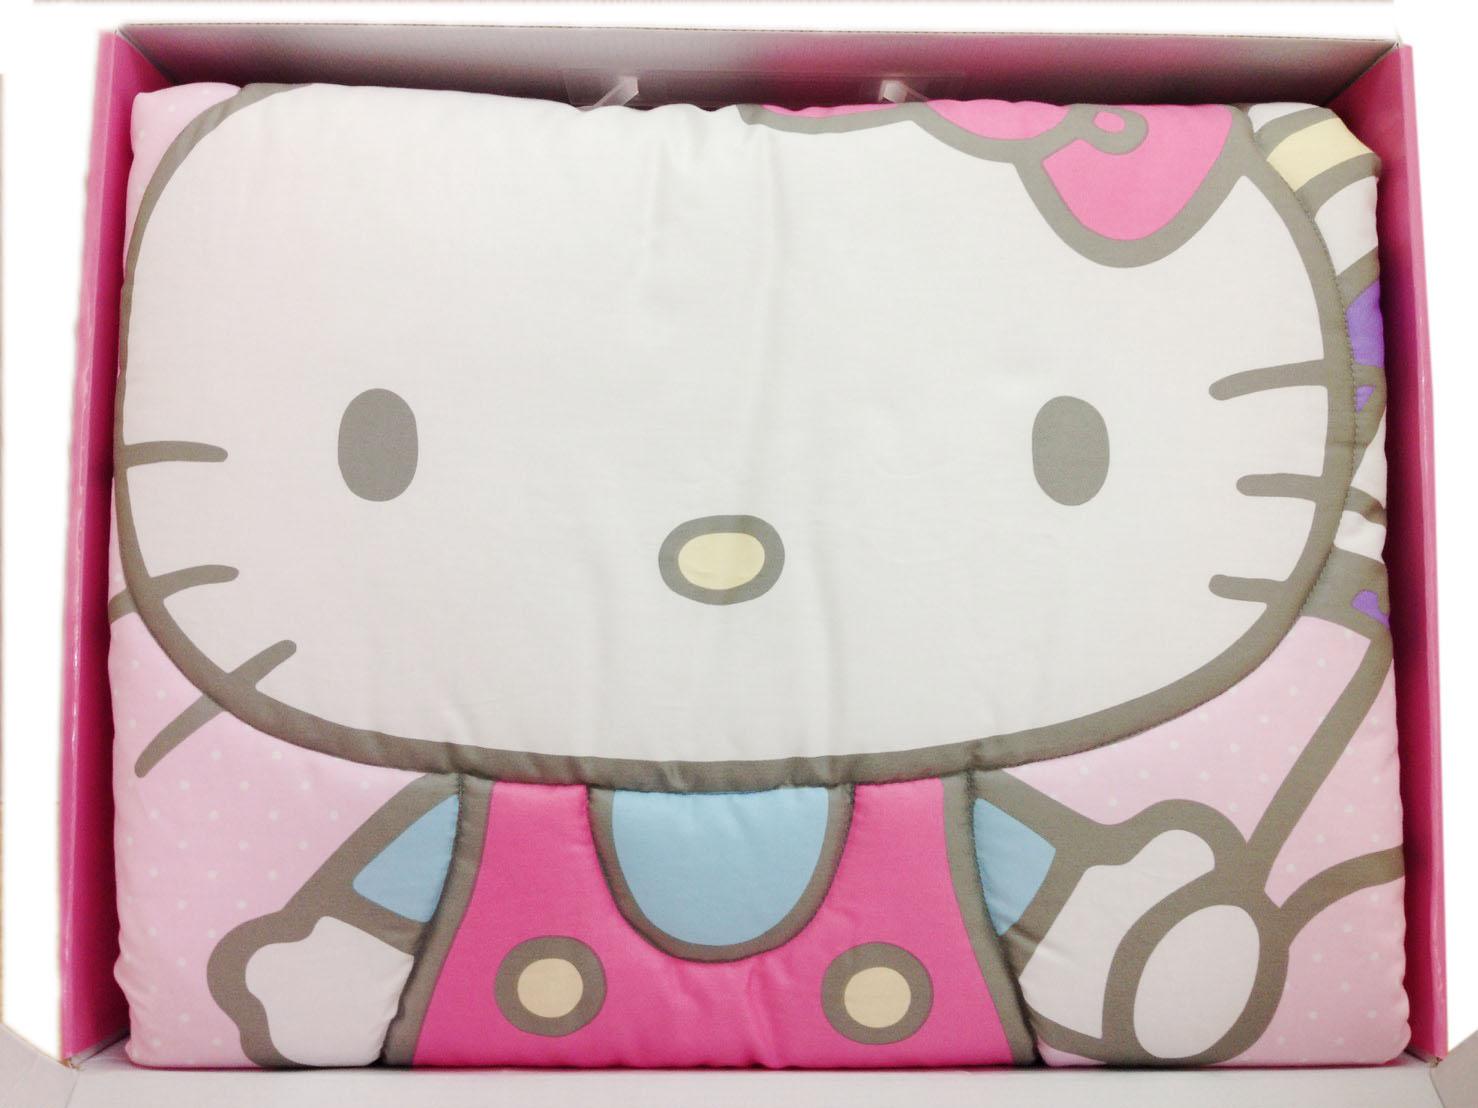 <br/><br/>  【真愛日本】16083100002四季被禮盒組  三麗鷗 Hello Kitty 凱蒂貓 嬰兒用品 正品 被子  預購<br/><br/>